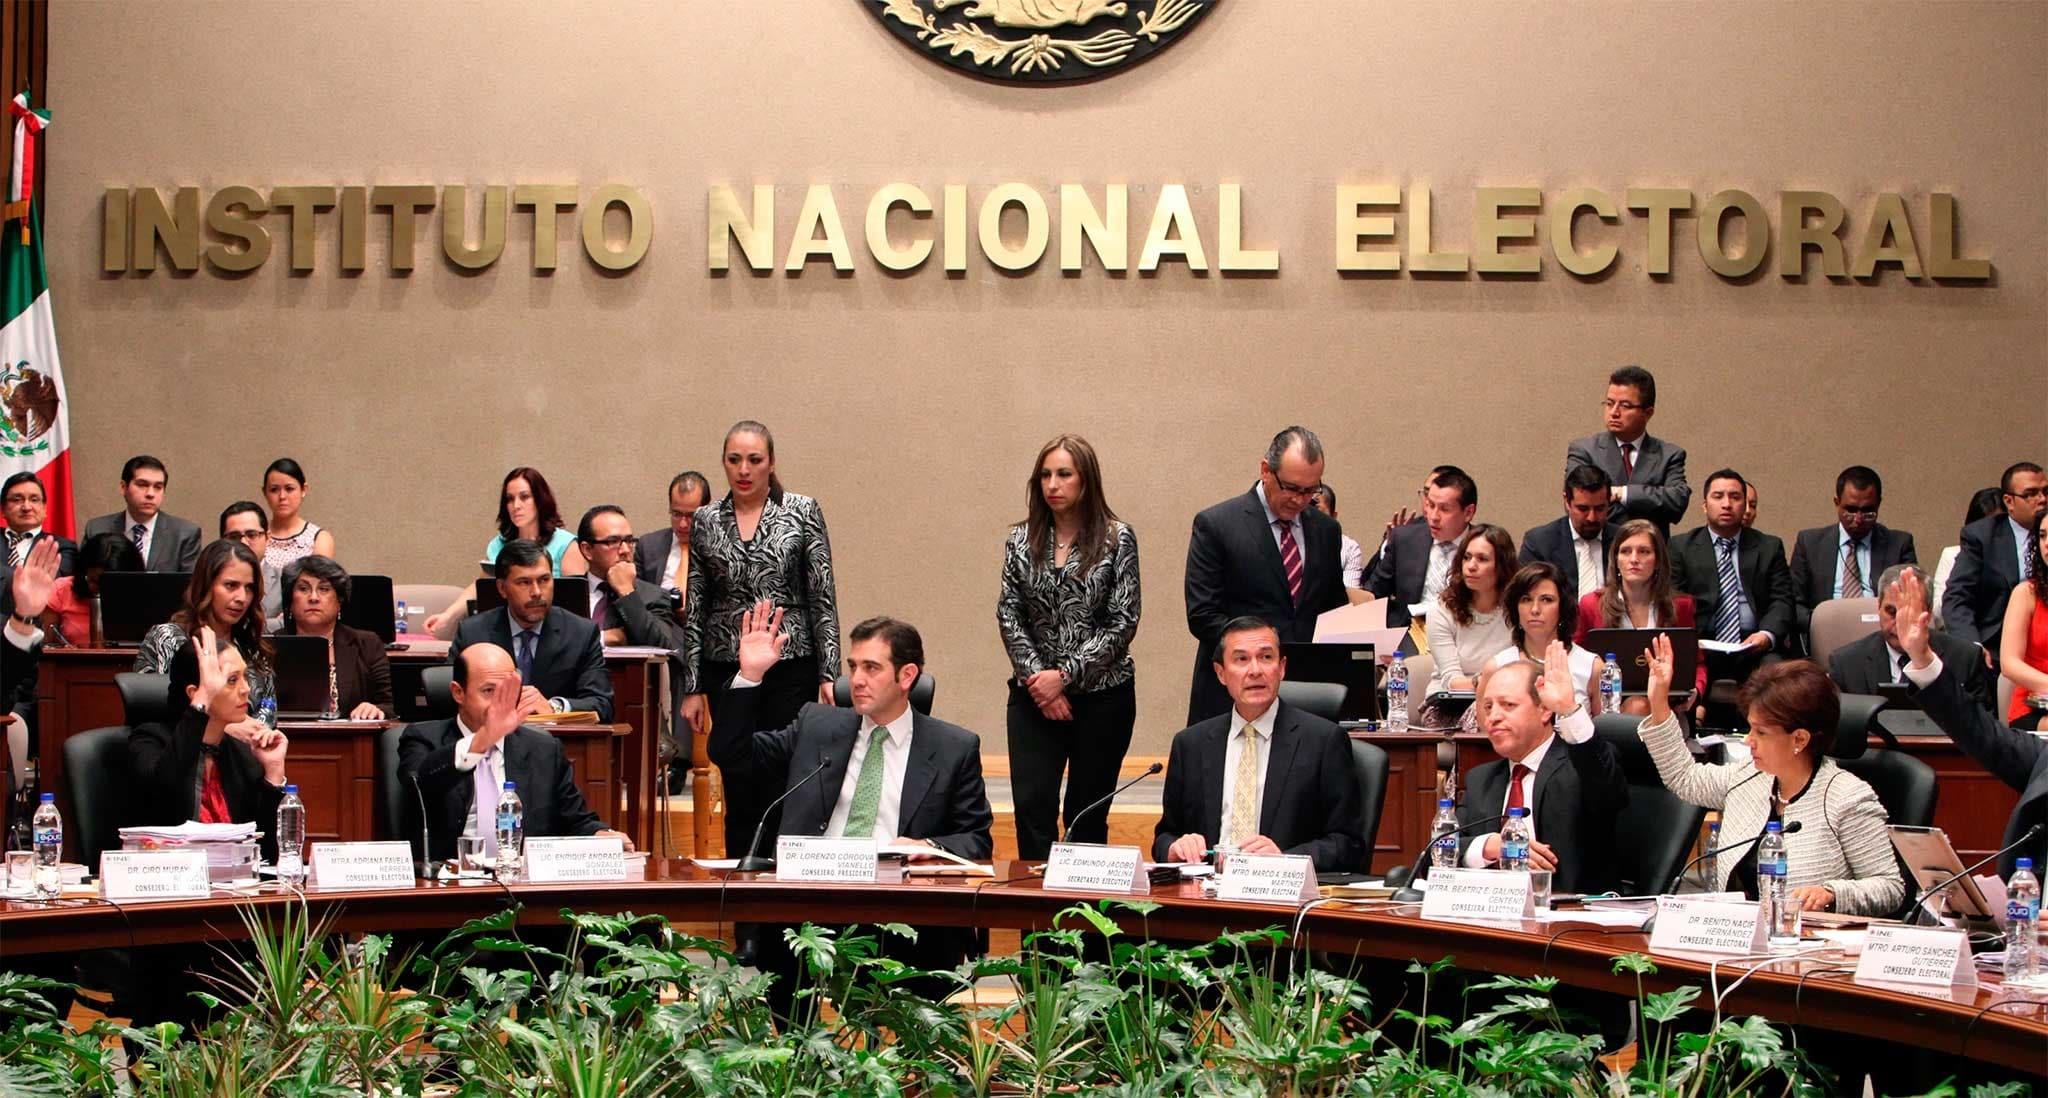 INE sanciona al turismo electoral